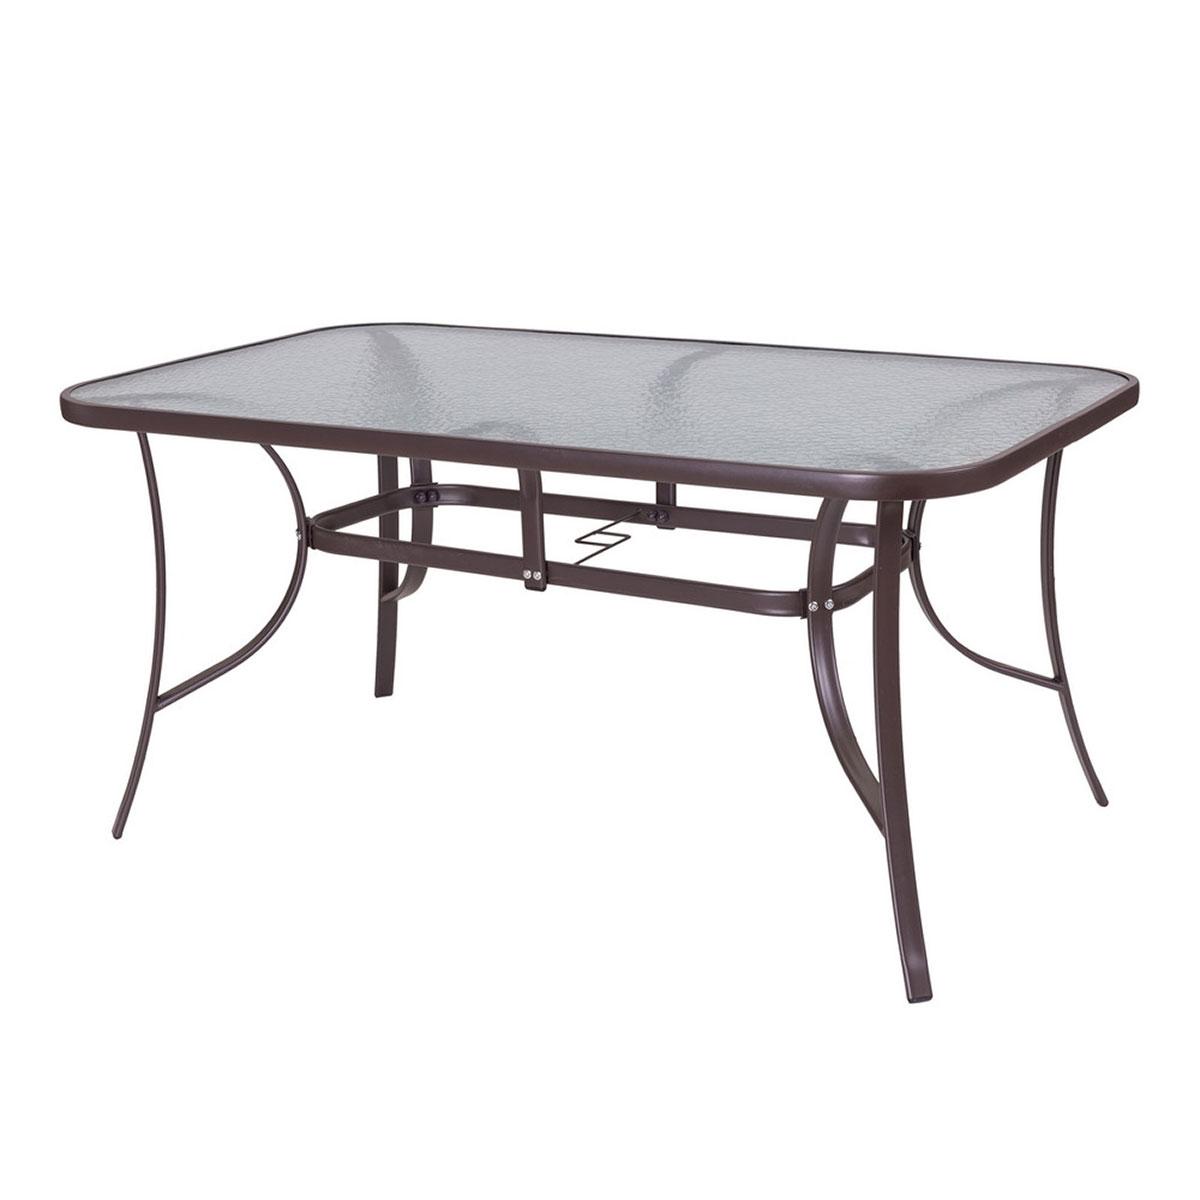 Table ovale en acier marron et verre trempé granité - Marron - 180.00 cm x 100.00 cm x 72.00 cm